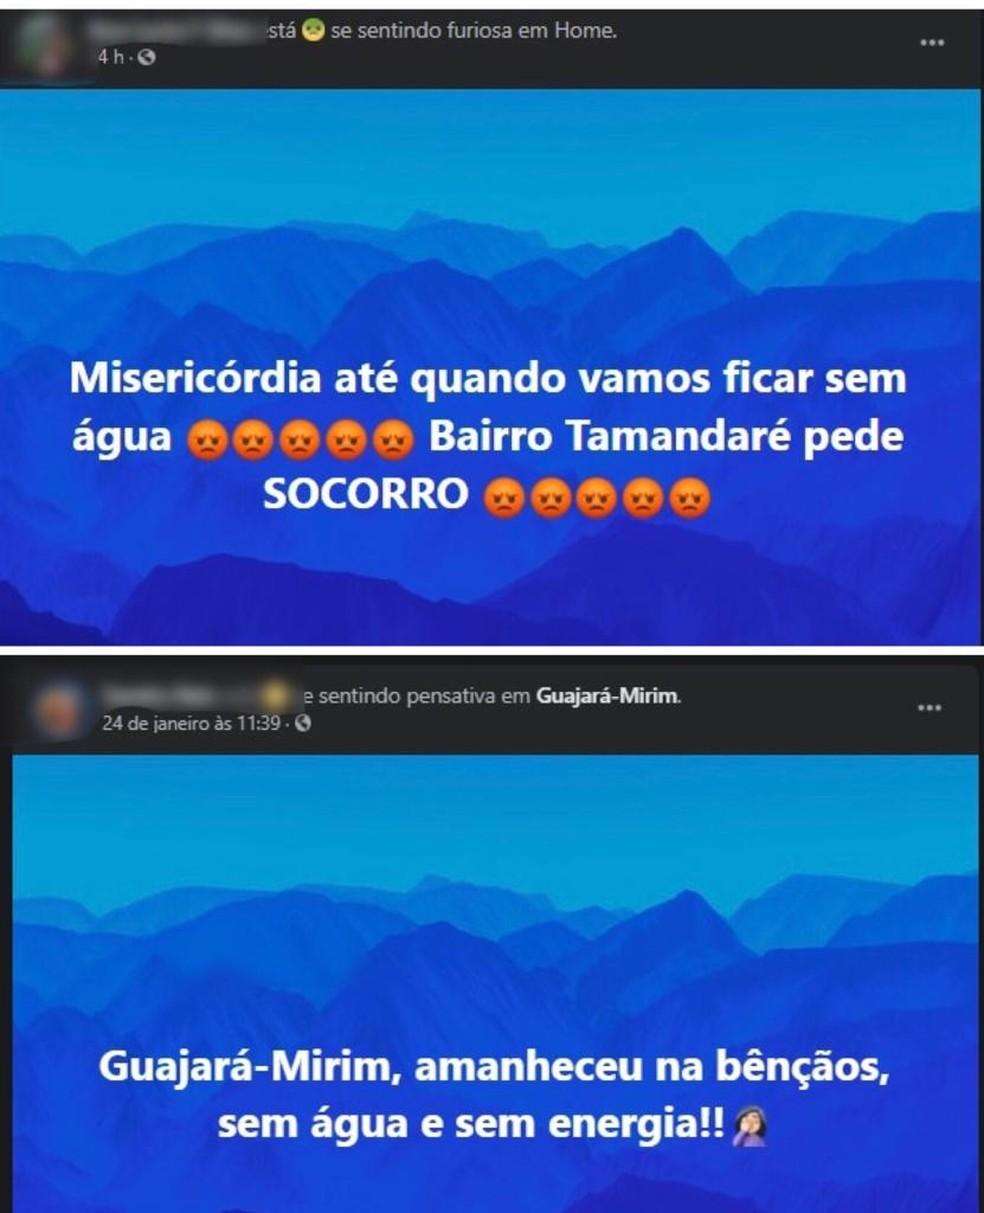 Desde o dia 20 de janeiro, moradores de Guajará-Mirim têm usado as redes sociais para reclamar a falta de água. — Foto: Reprodução/Facebook